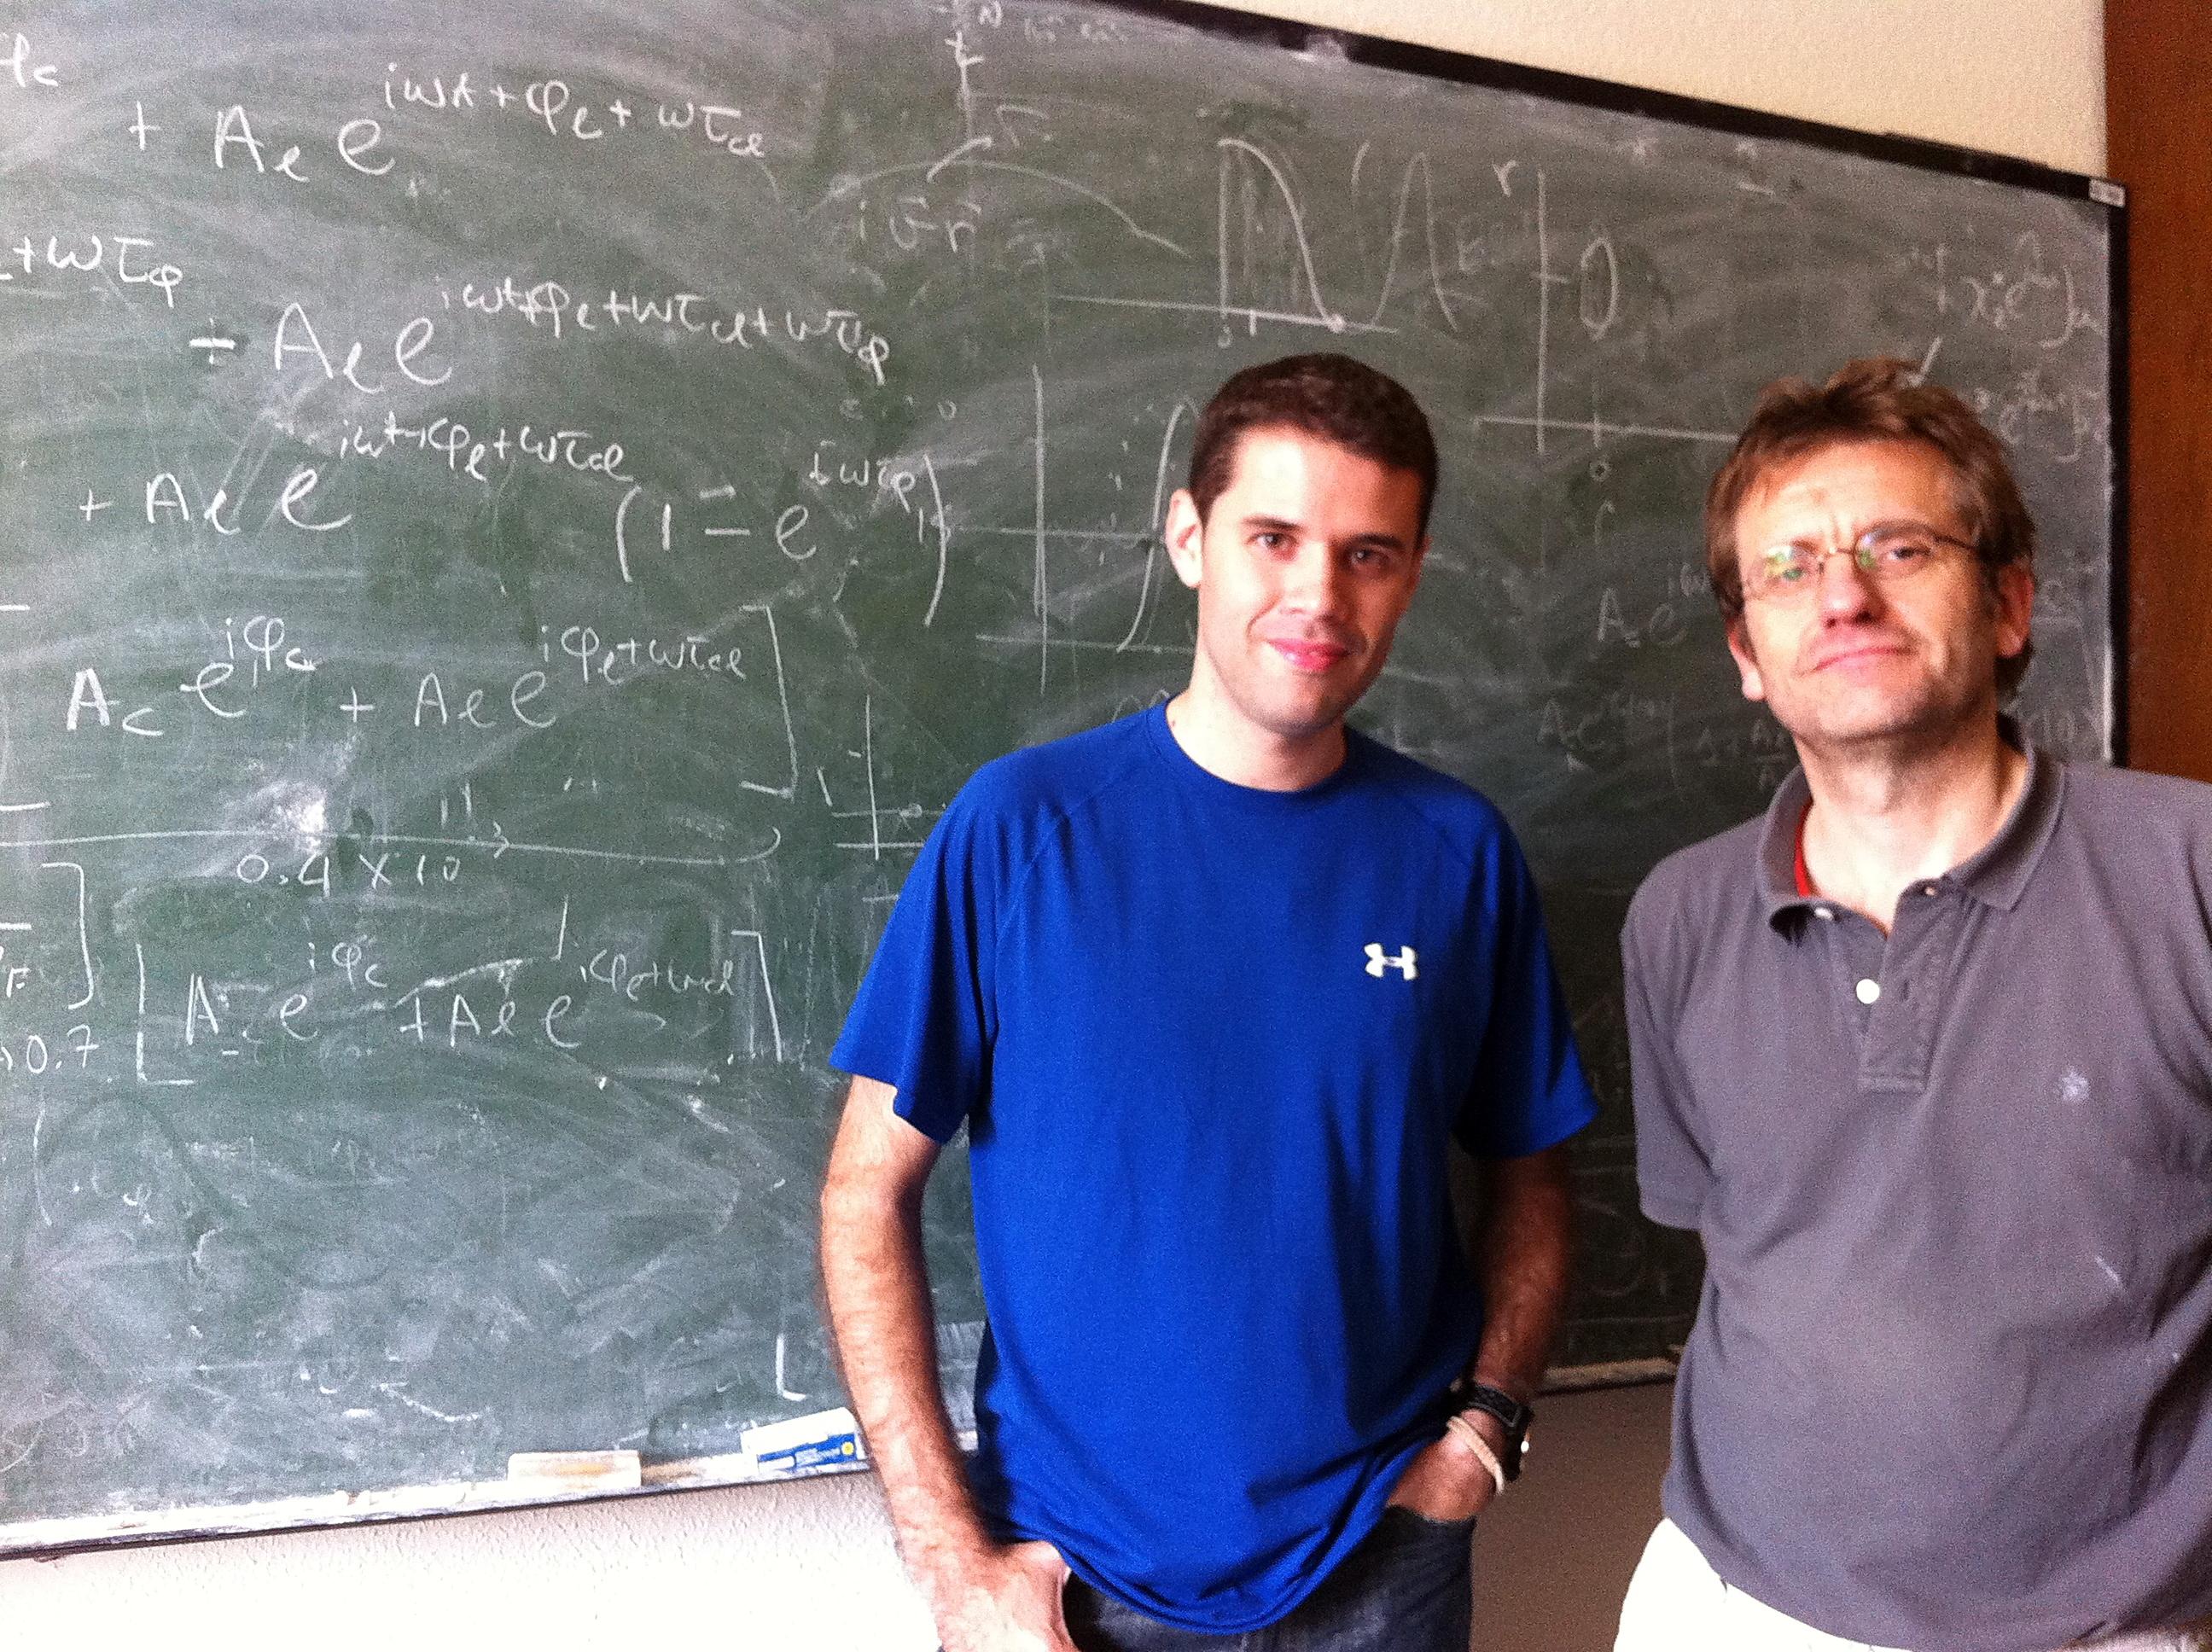 Científicos del Grupo de Óptica Extrema de la Universidad de Salamanca logran generar rayos X coherentes e intensos por láser